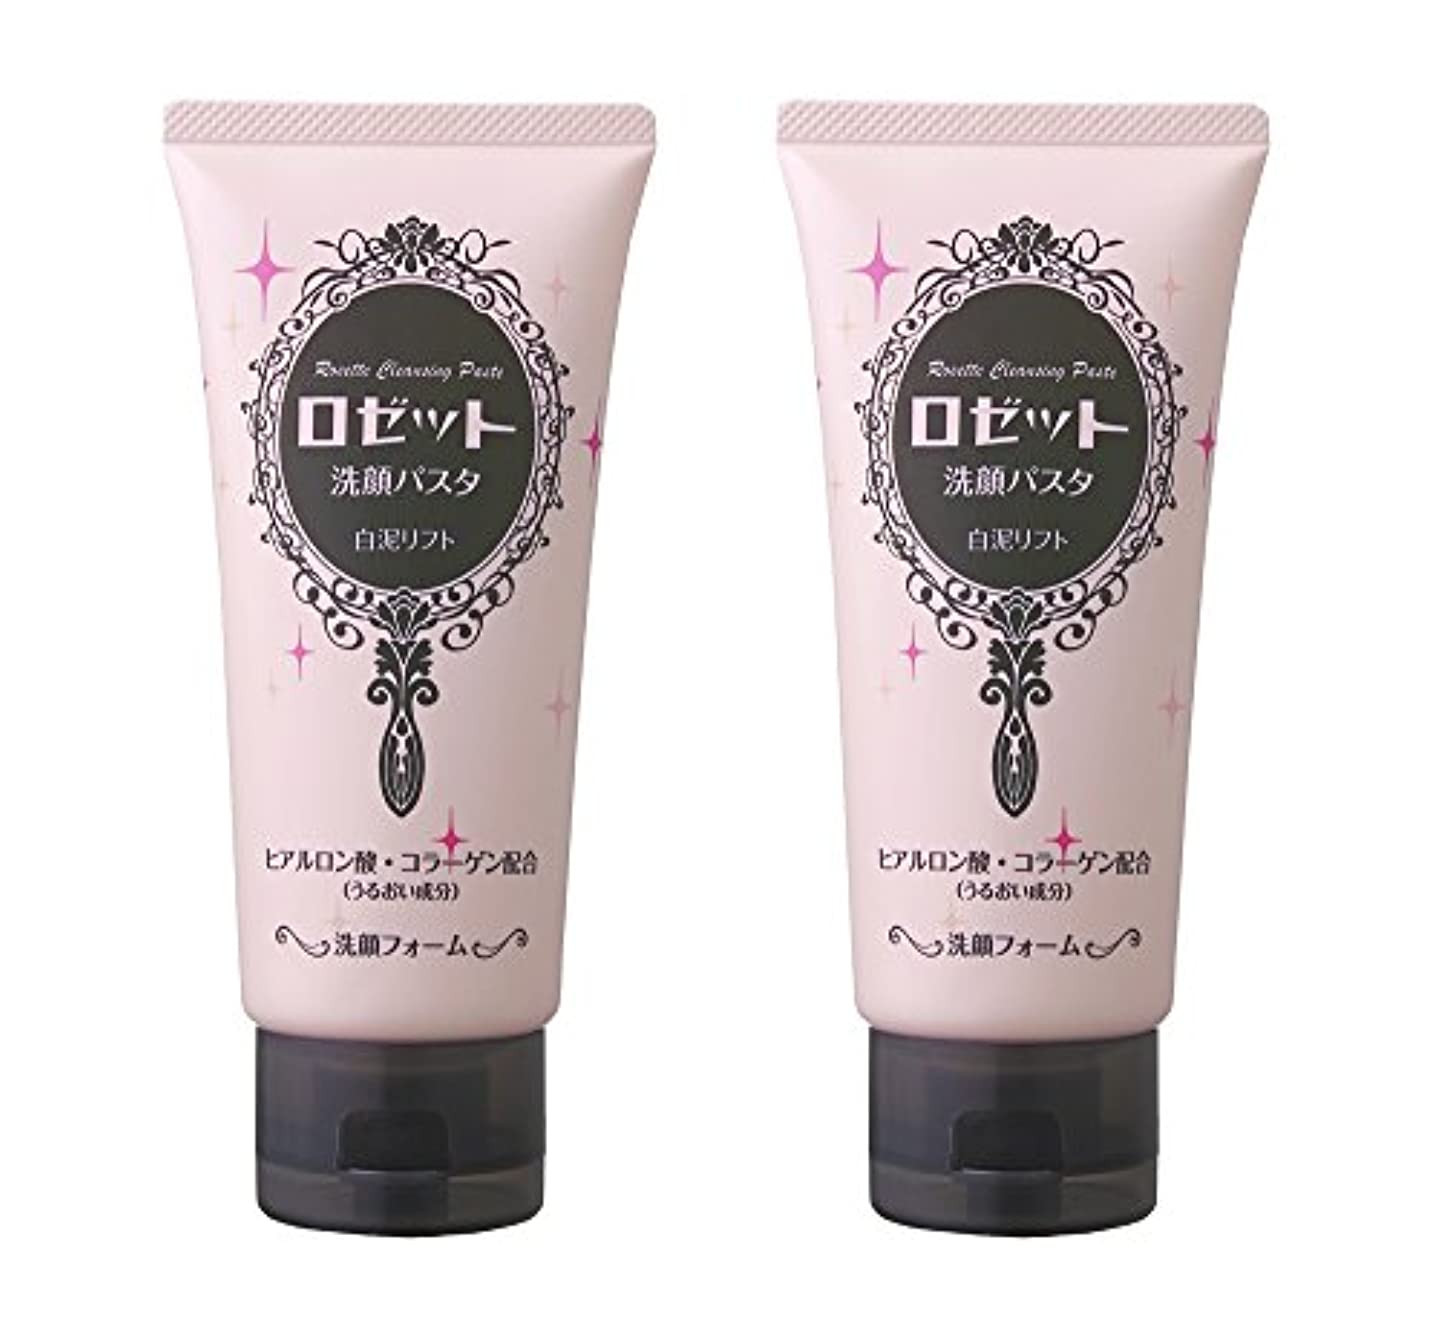 ロゼット洗顔パスタ 白泥リフト 2個パック (120g×2個)